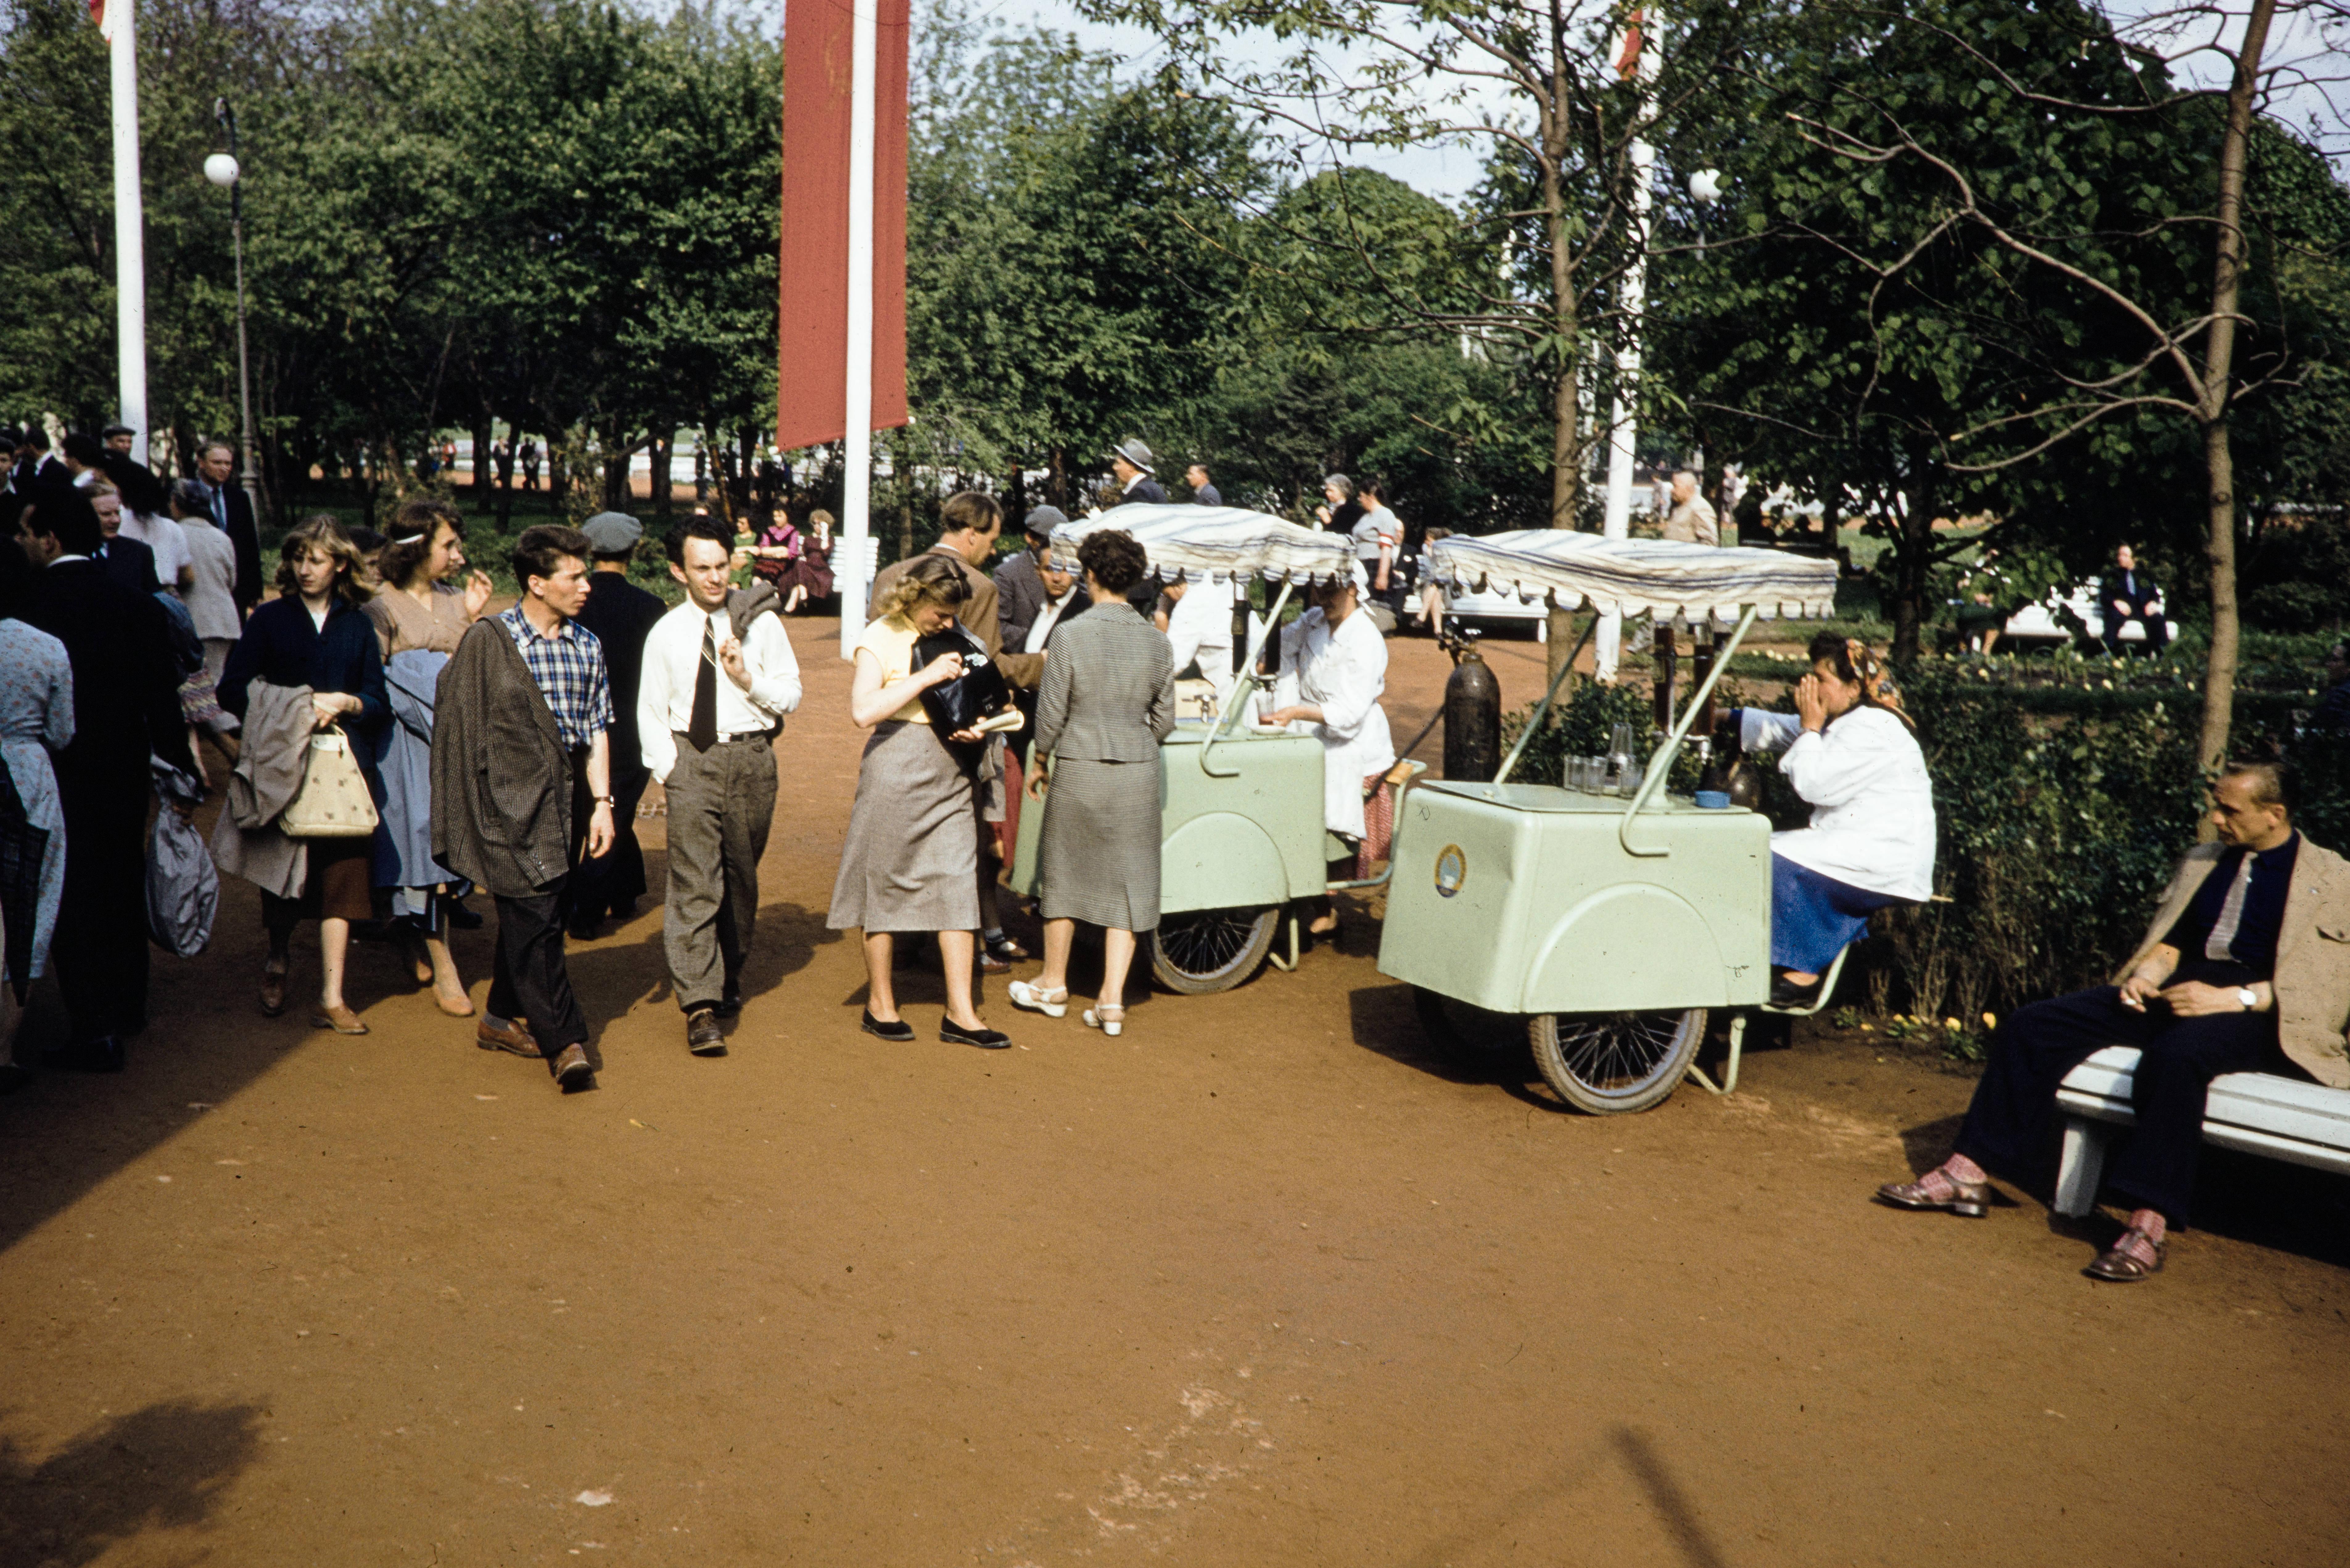 Продажа газированной воды в ЦПКиО